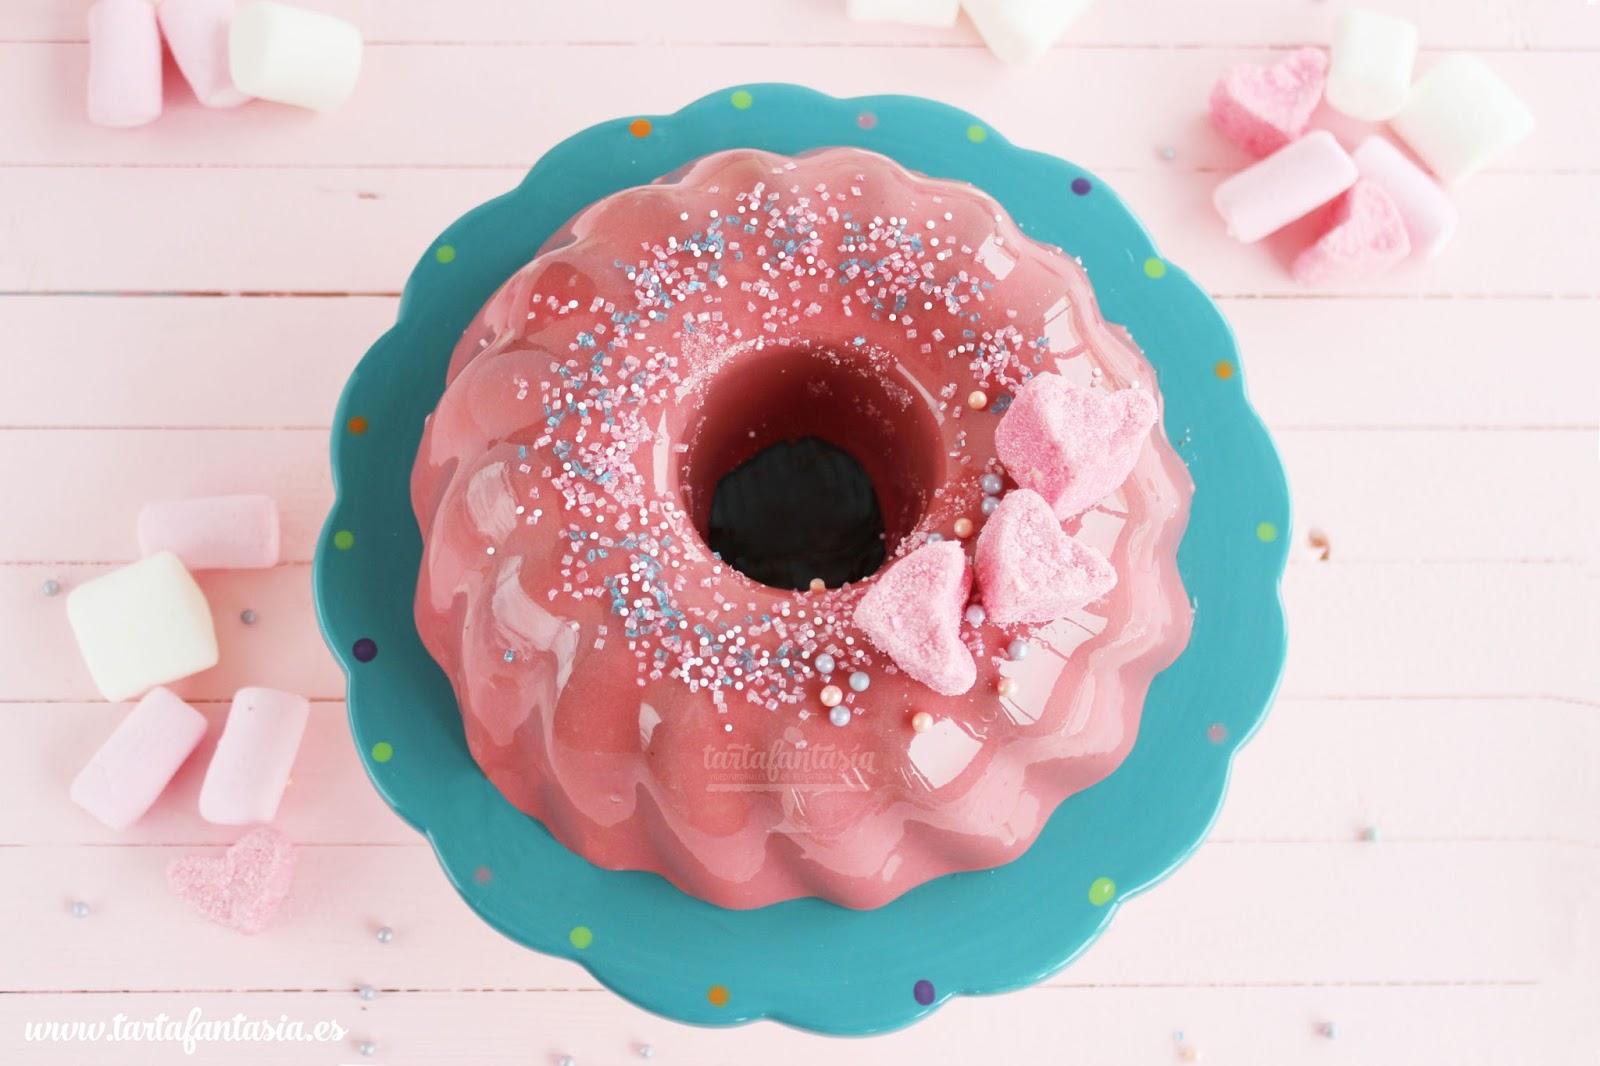 Cobertura espejo para tarta y pasteles tartafantas a for Decoracion de tortas espejo